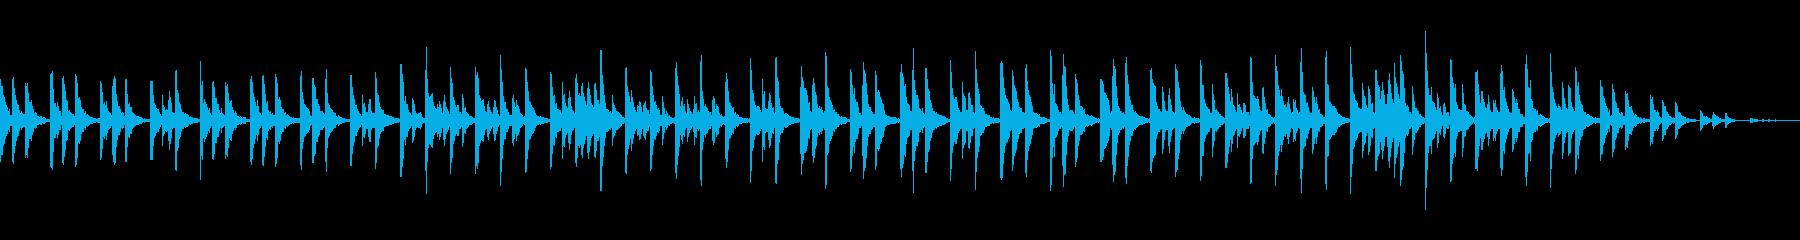 静かなピチカートストリングスの再生済みの波形